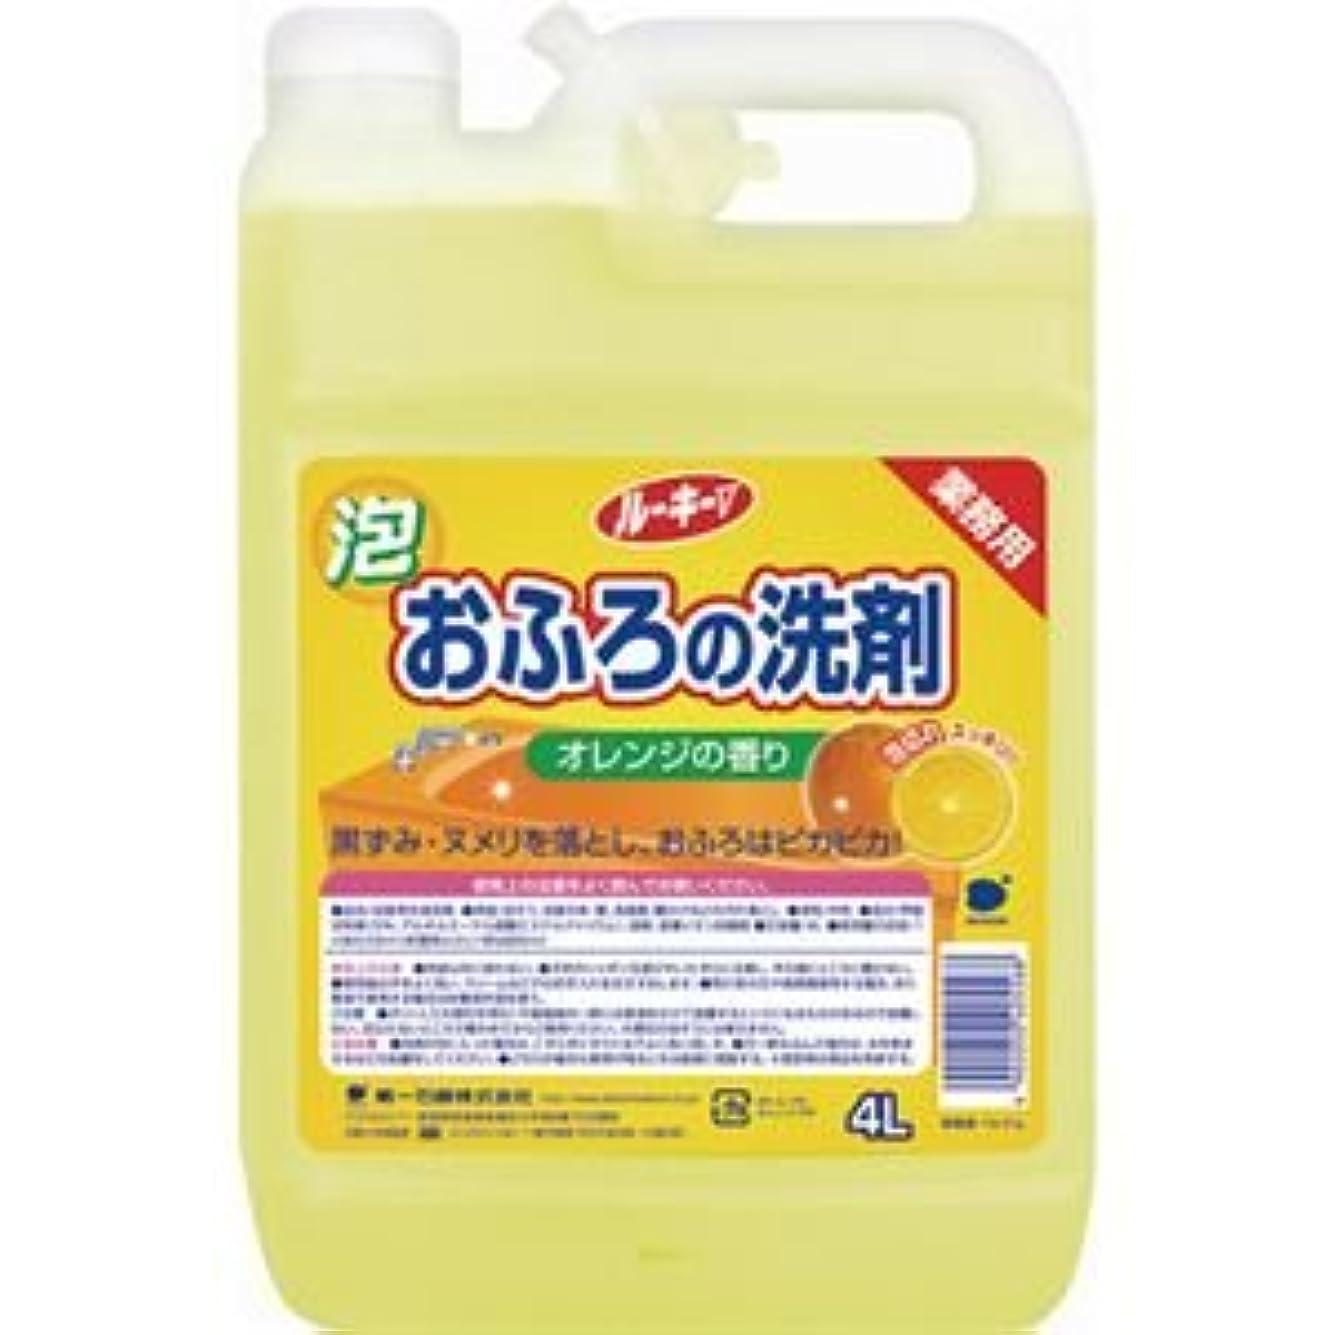 現象起訴する舗装する(まとめ) 第一石鹸 ルーキーV おふろ洗剤 業務用 4L 1本 【×5セット】